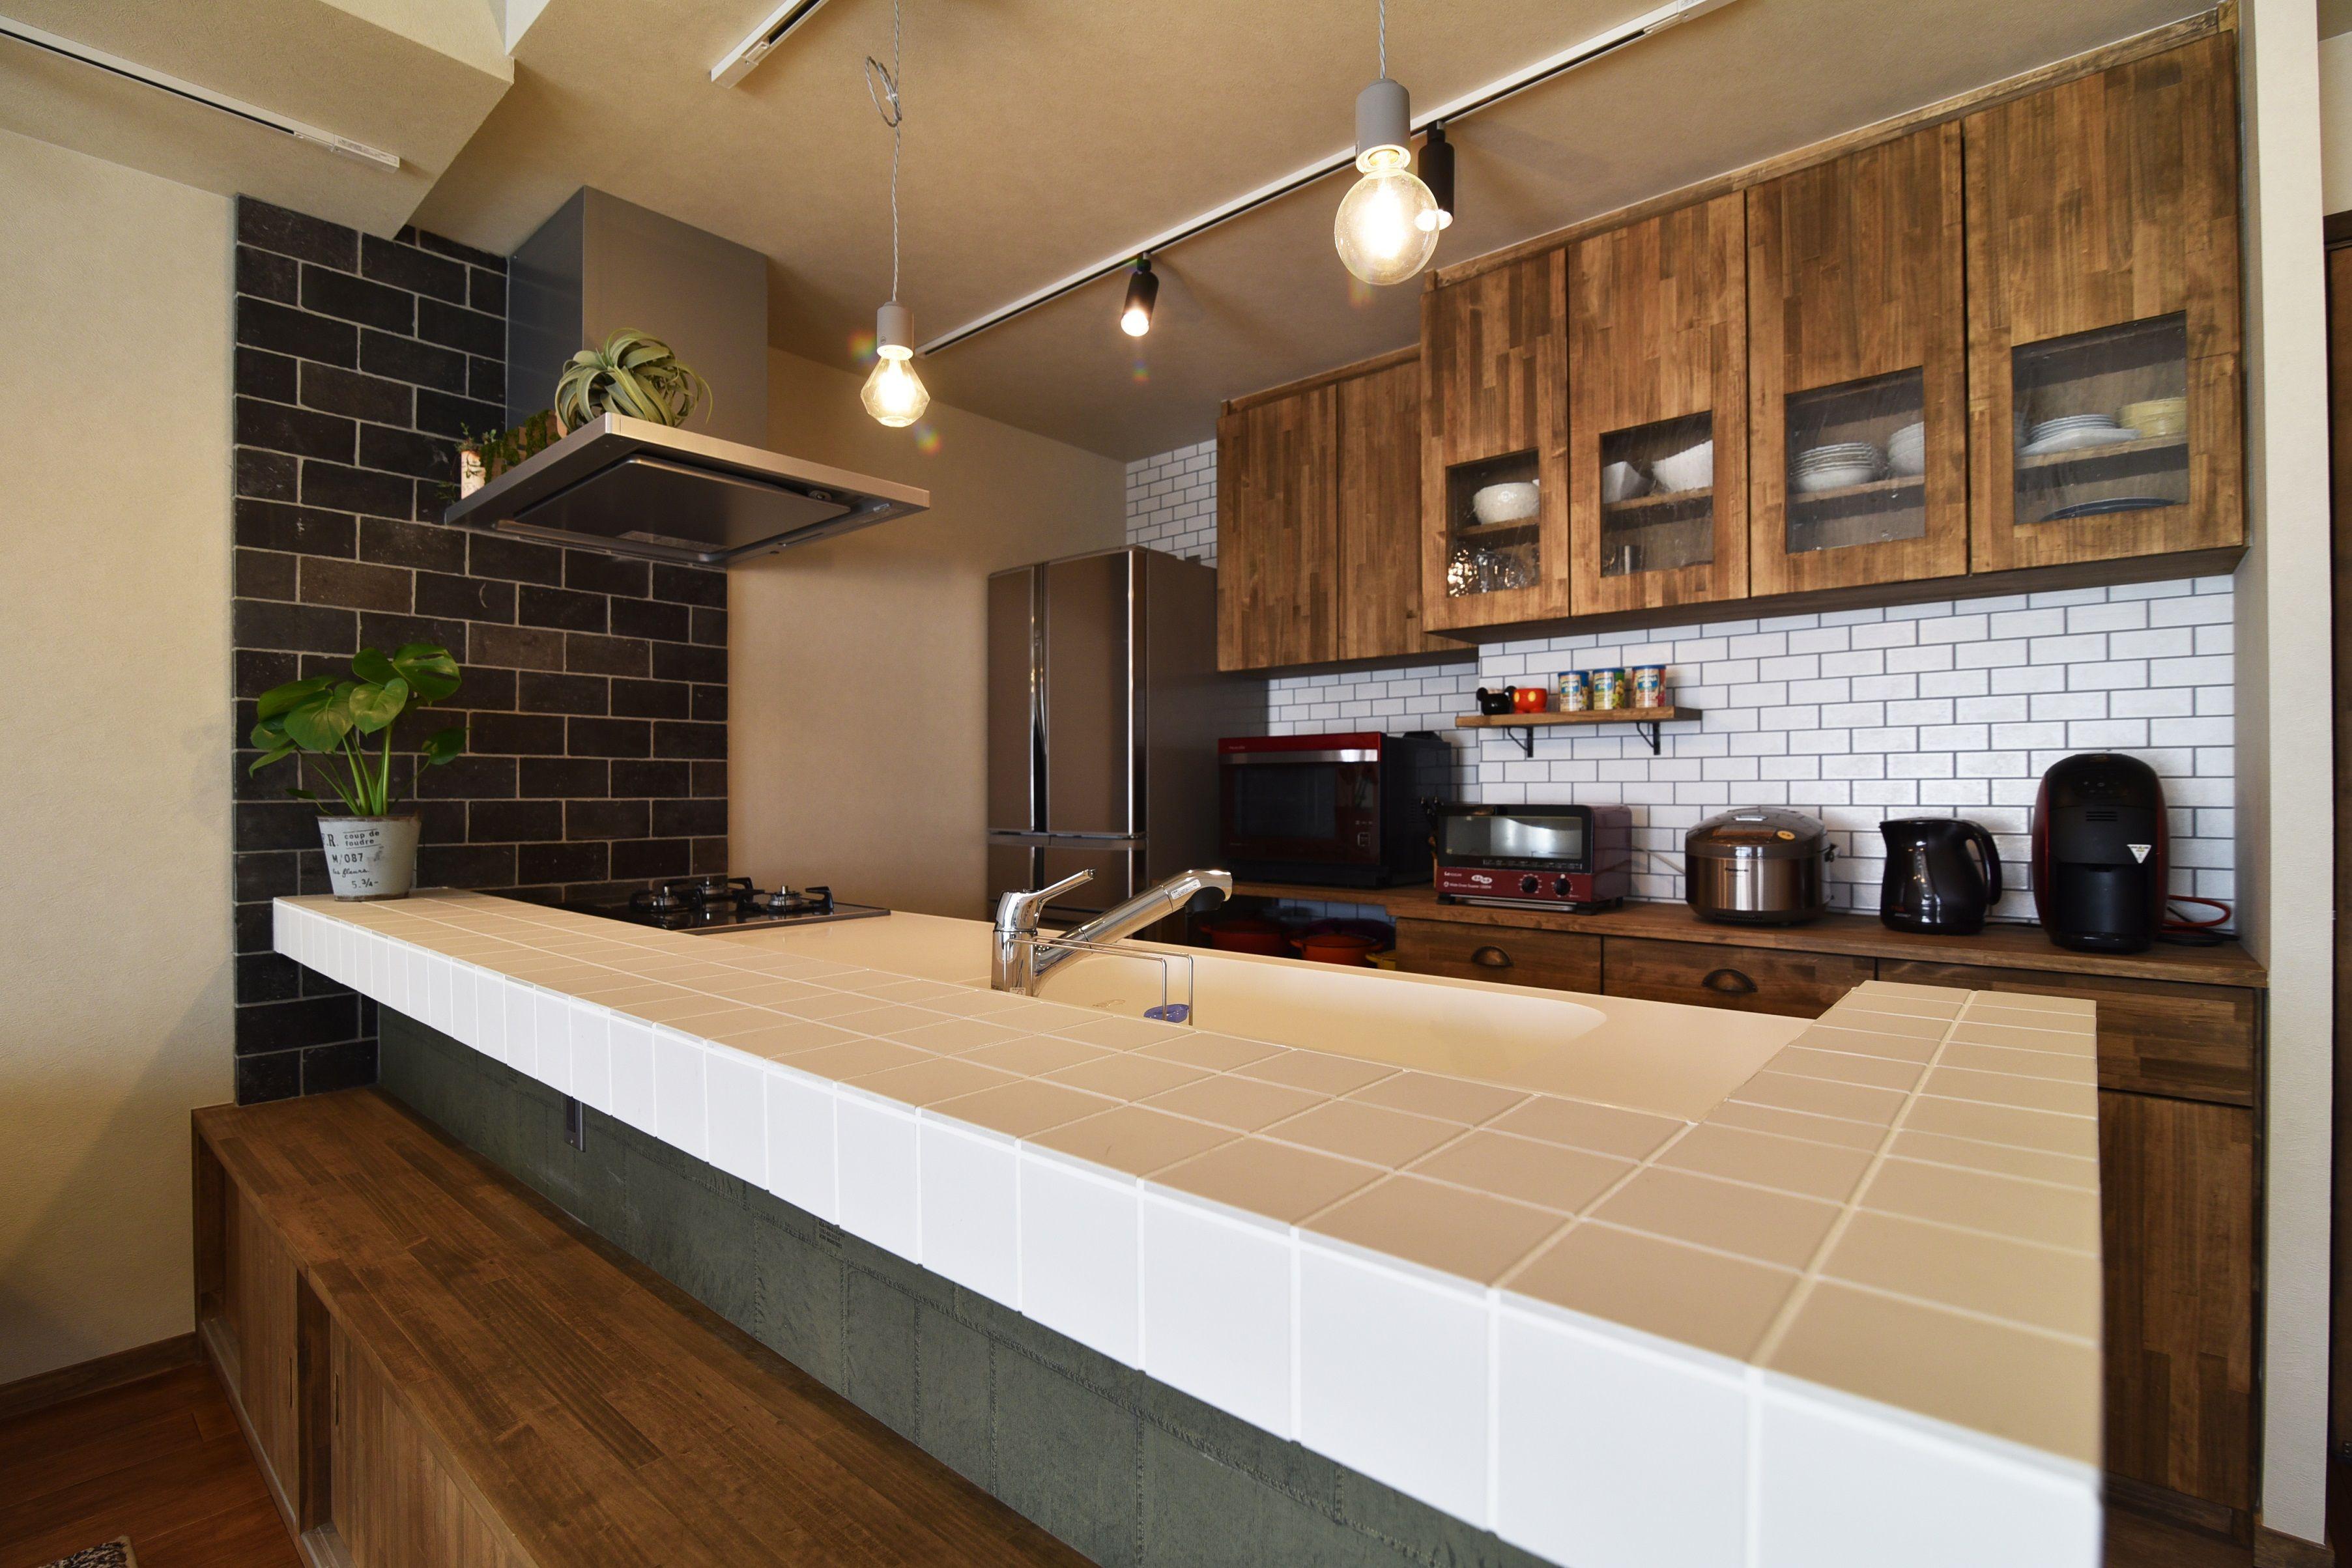 キッチン 照明 キッチンバック インテリア実例 Interior